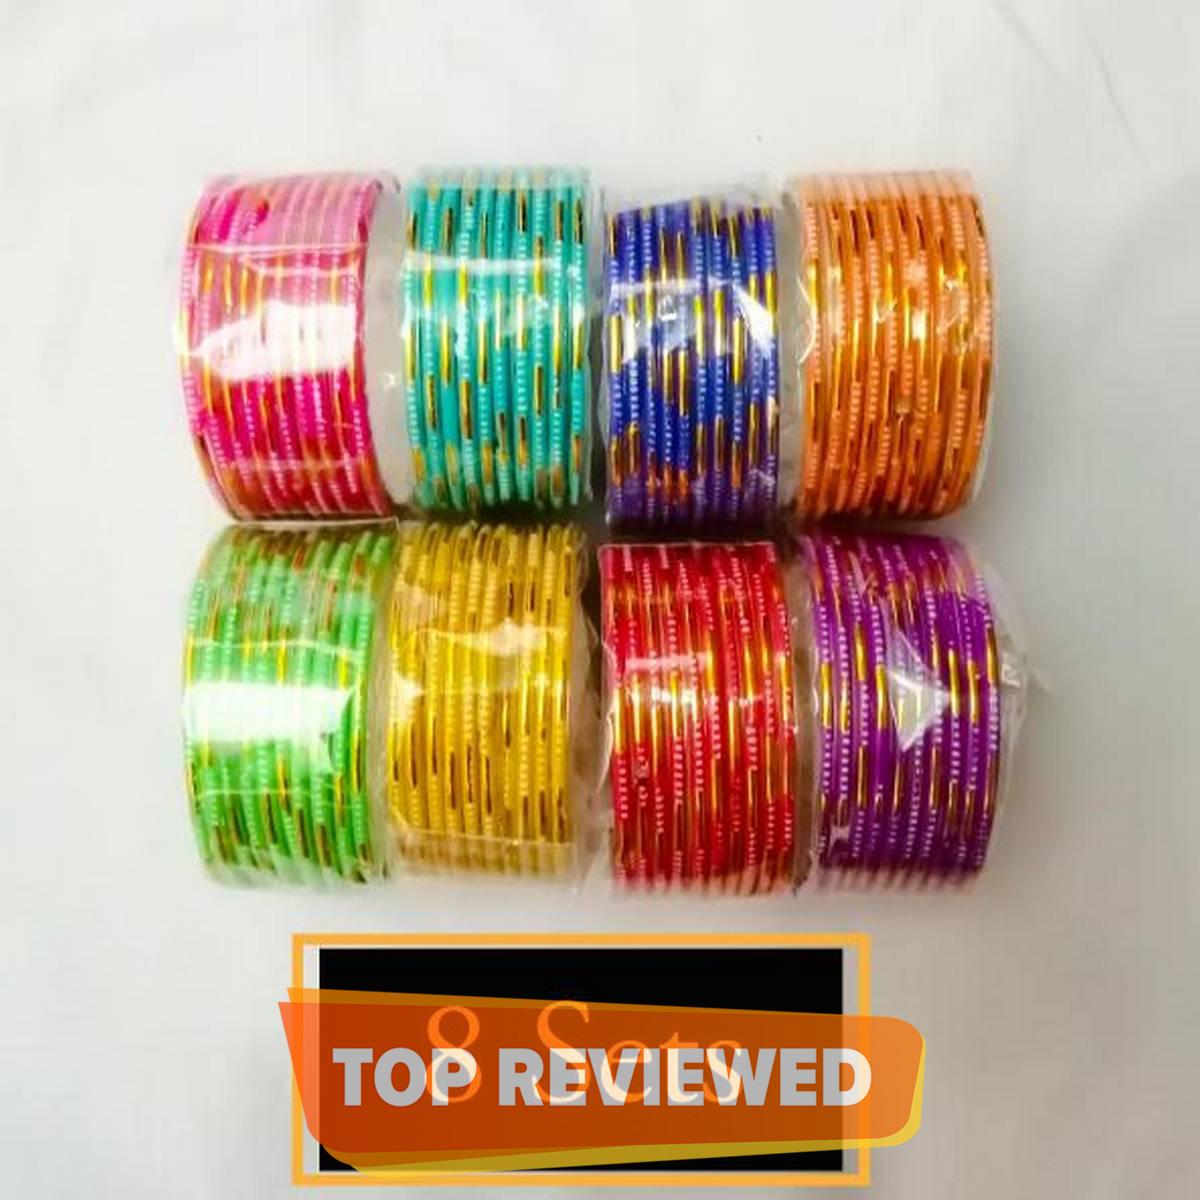 Lesto 8 packs of Glass bangles for girls